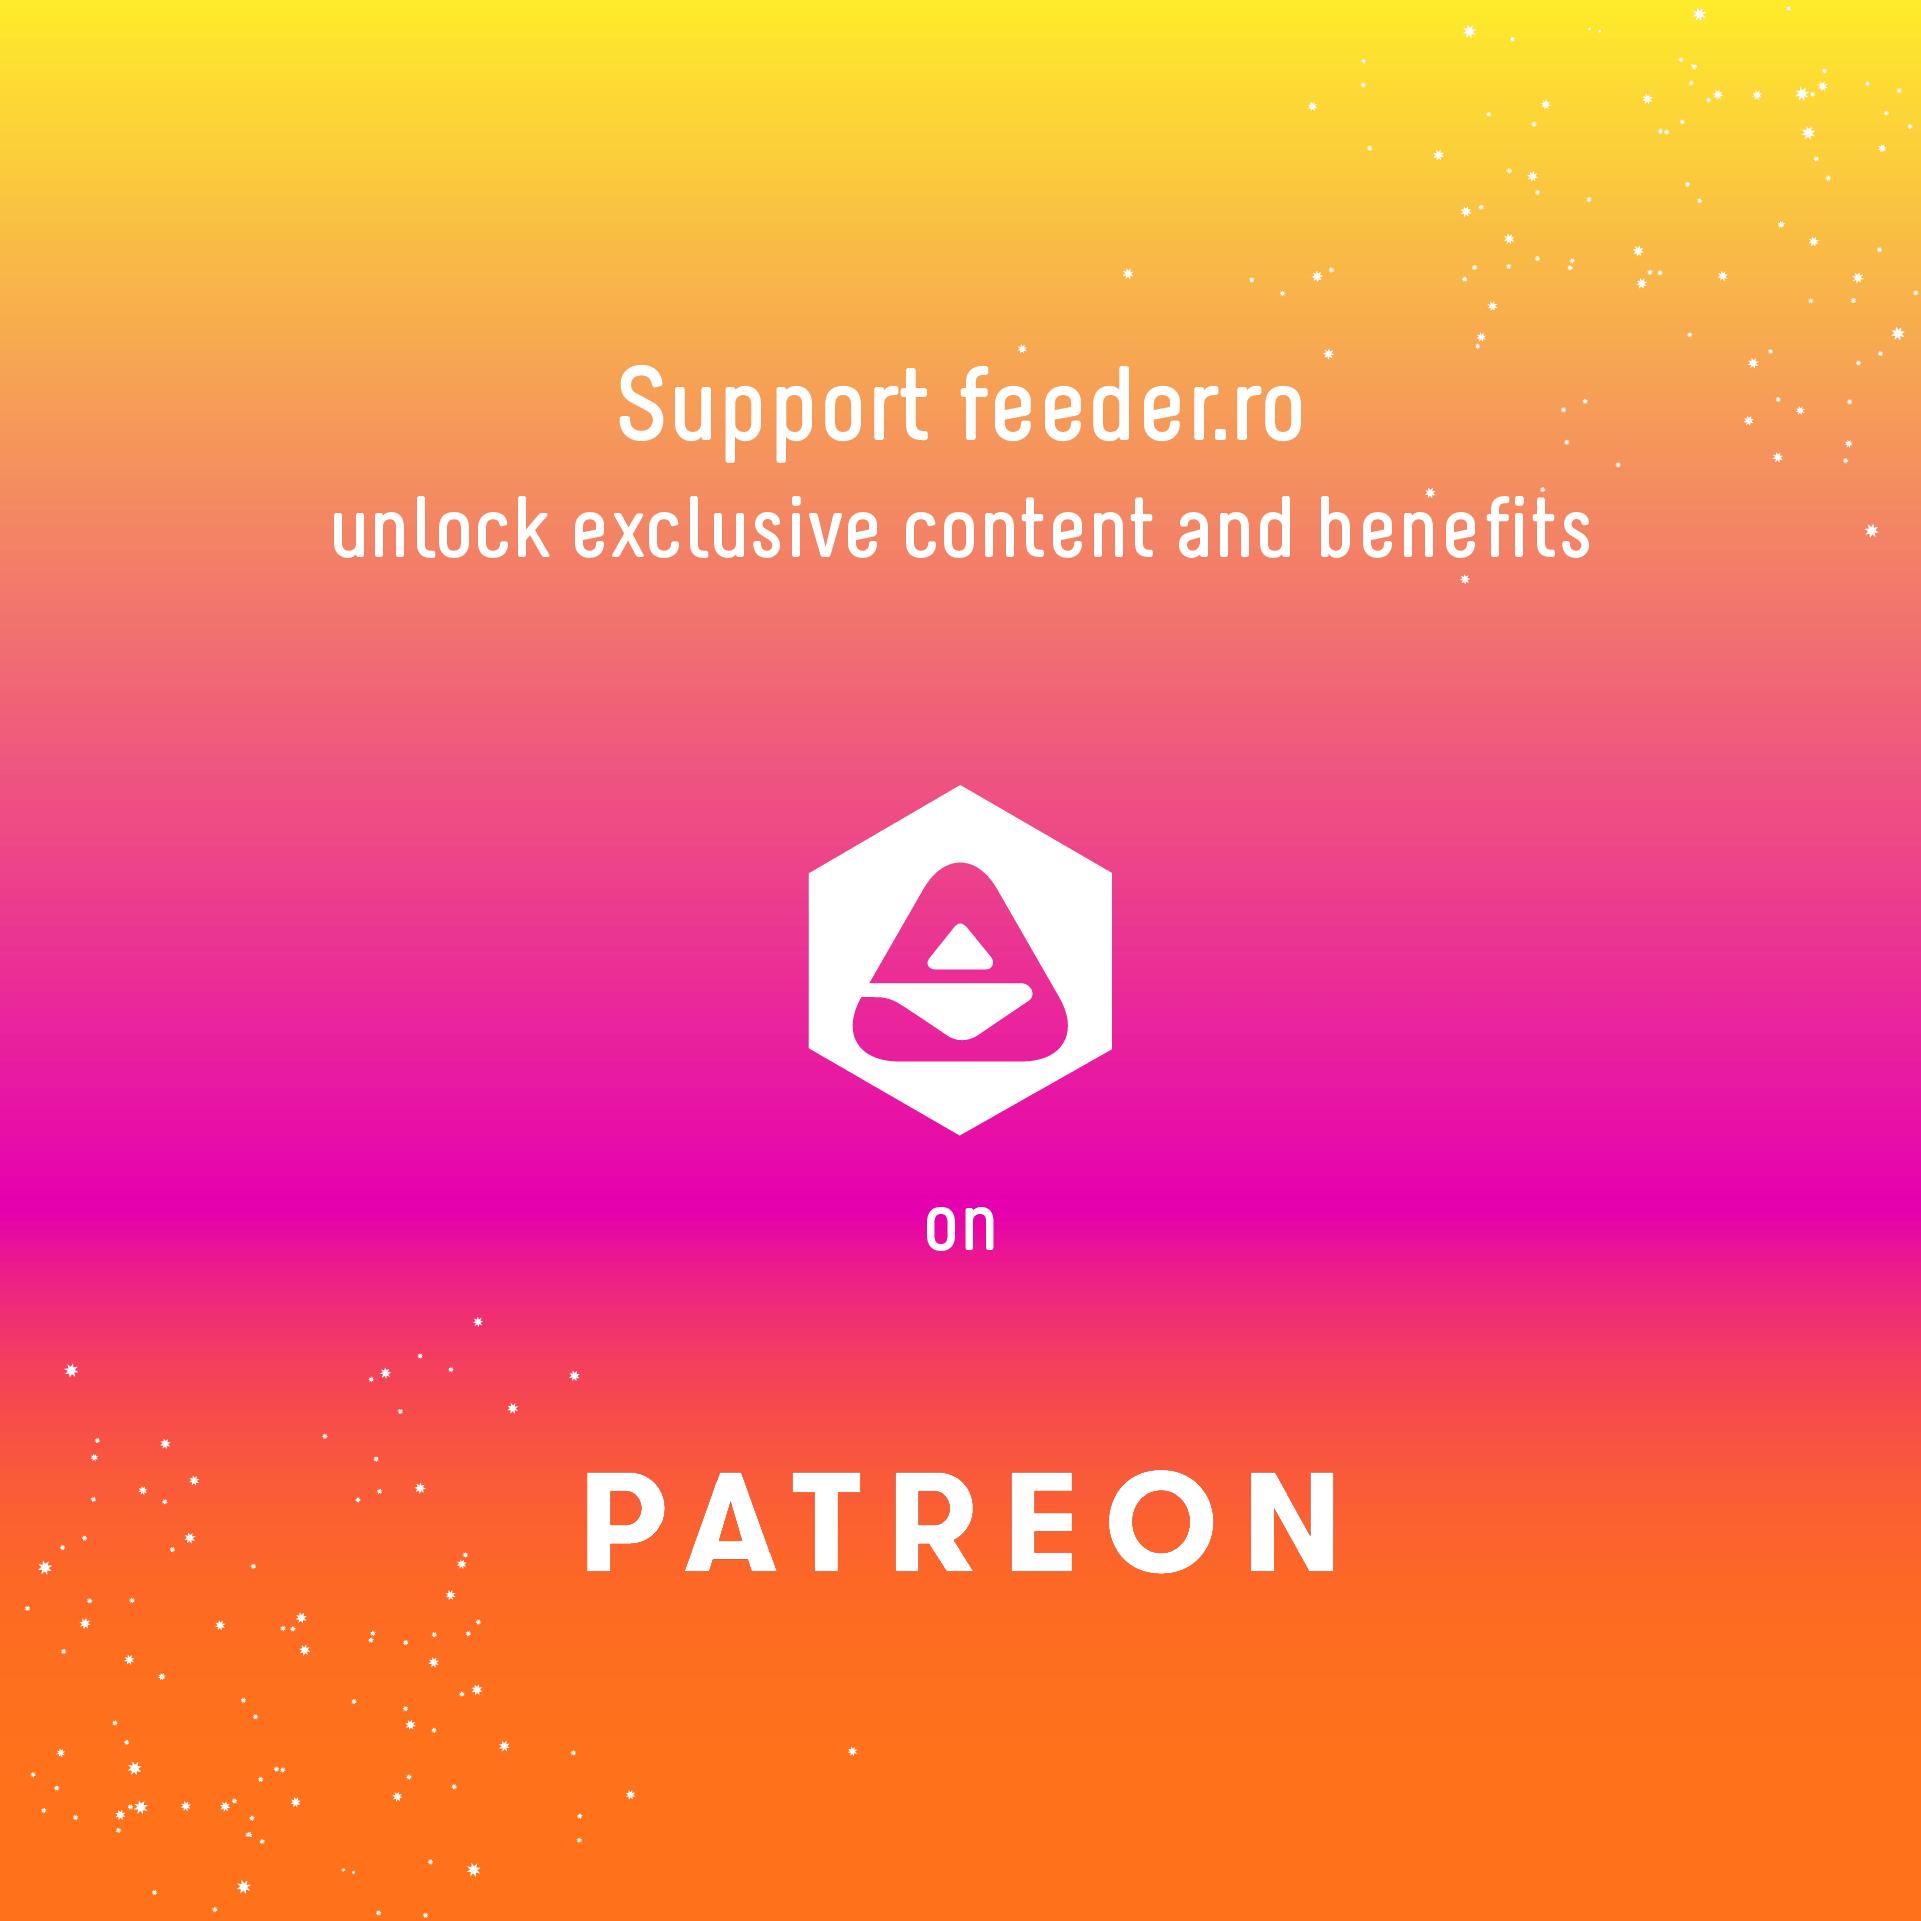 feeder patreon 2020 https://www.patreon.com/feeder